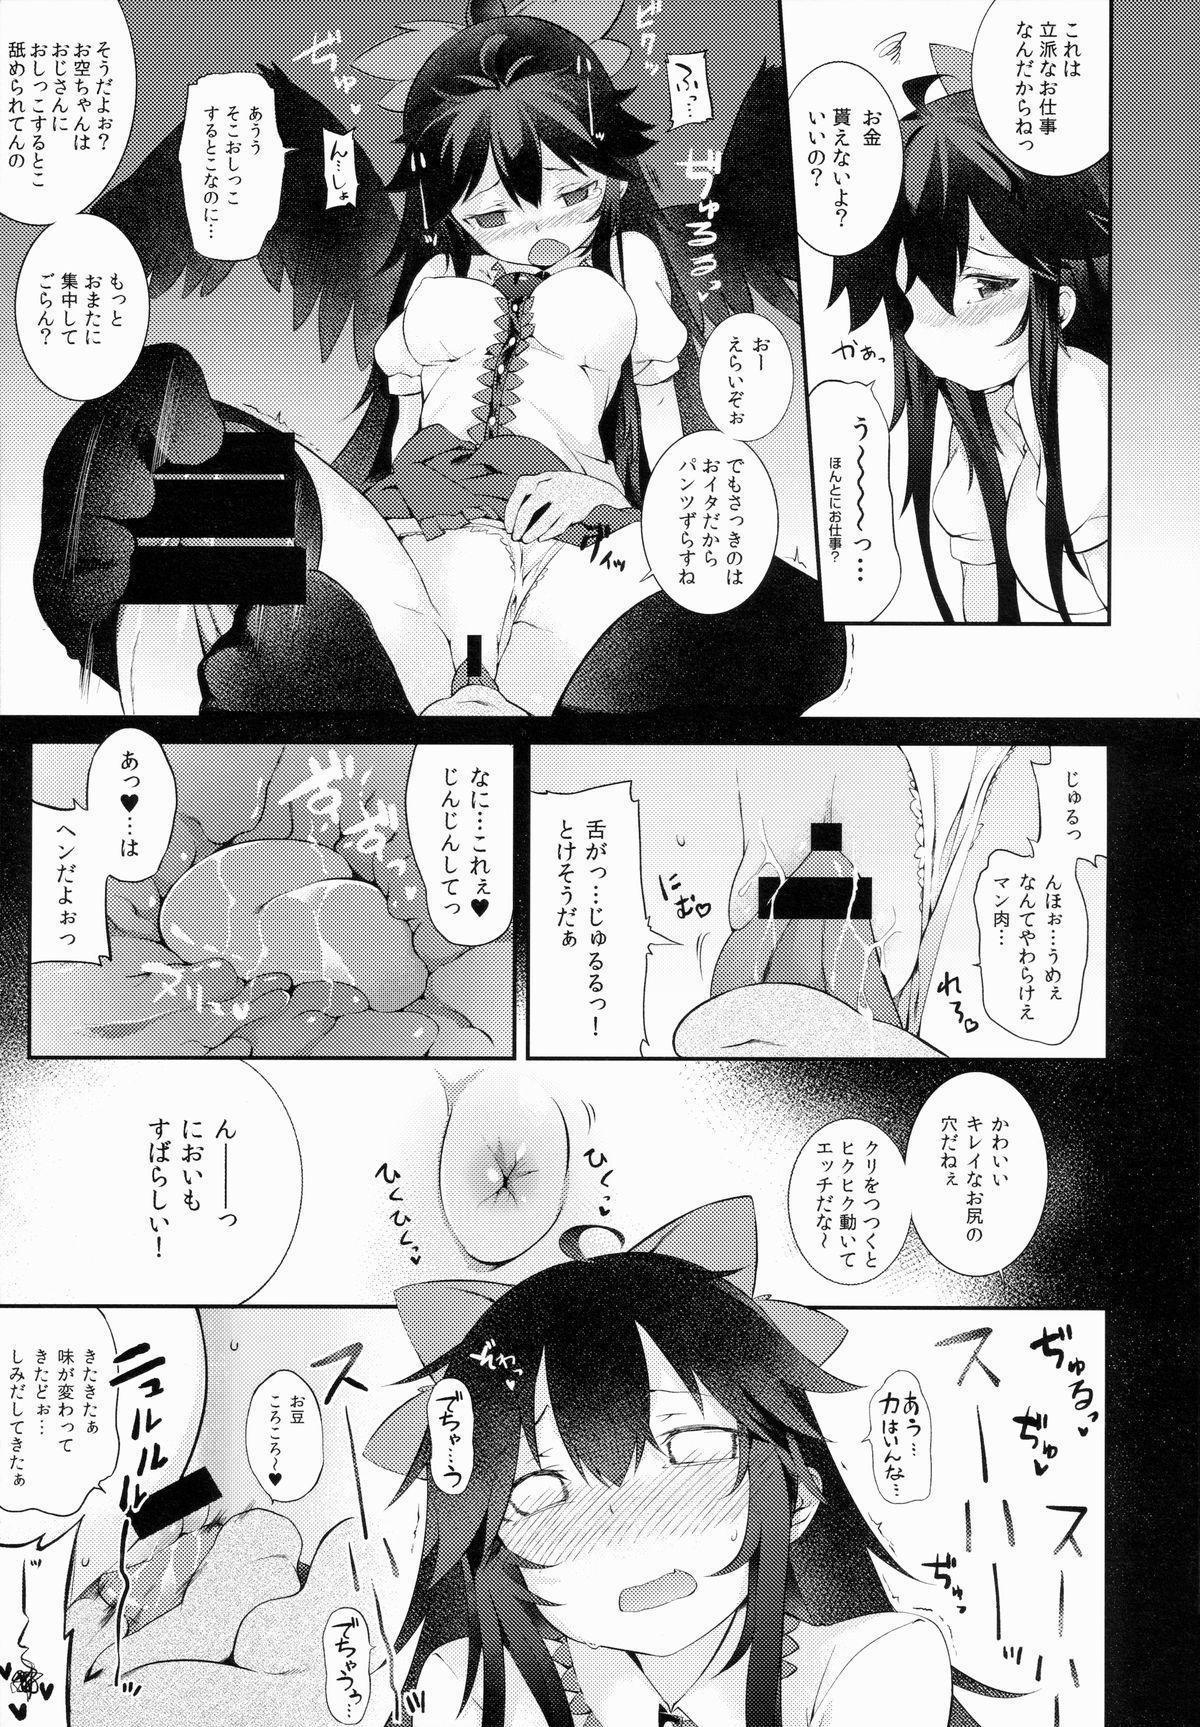 Yatagarasu no Ongaeshi 5